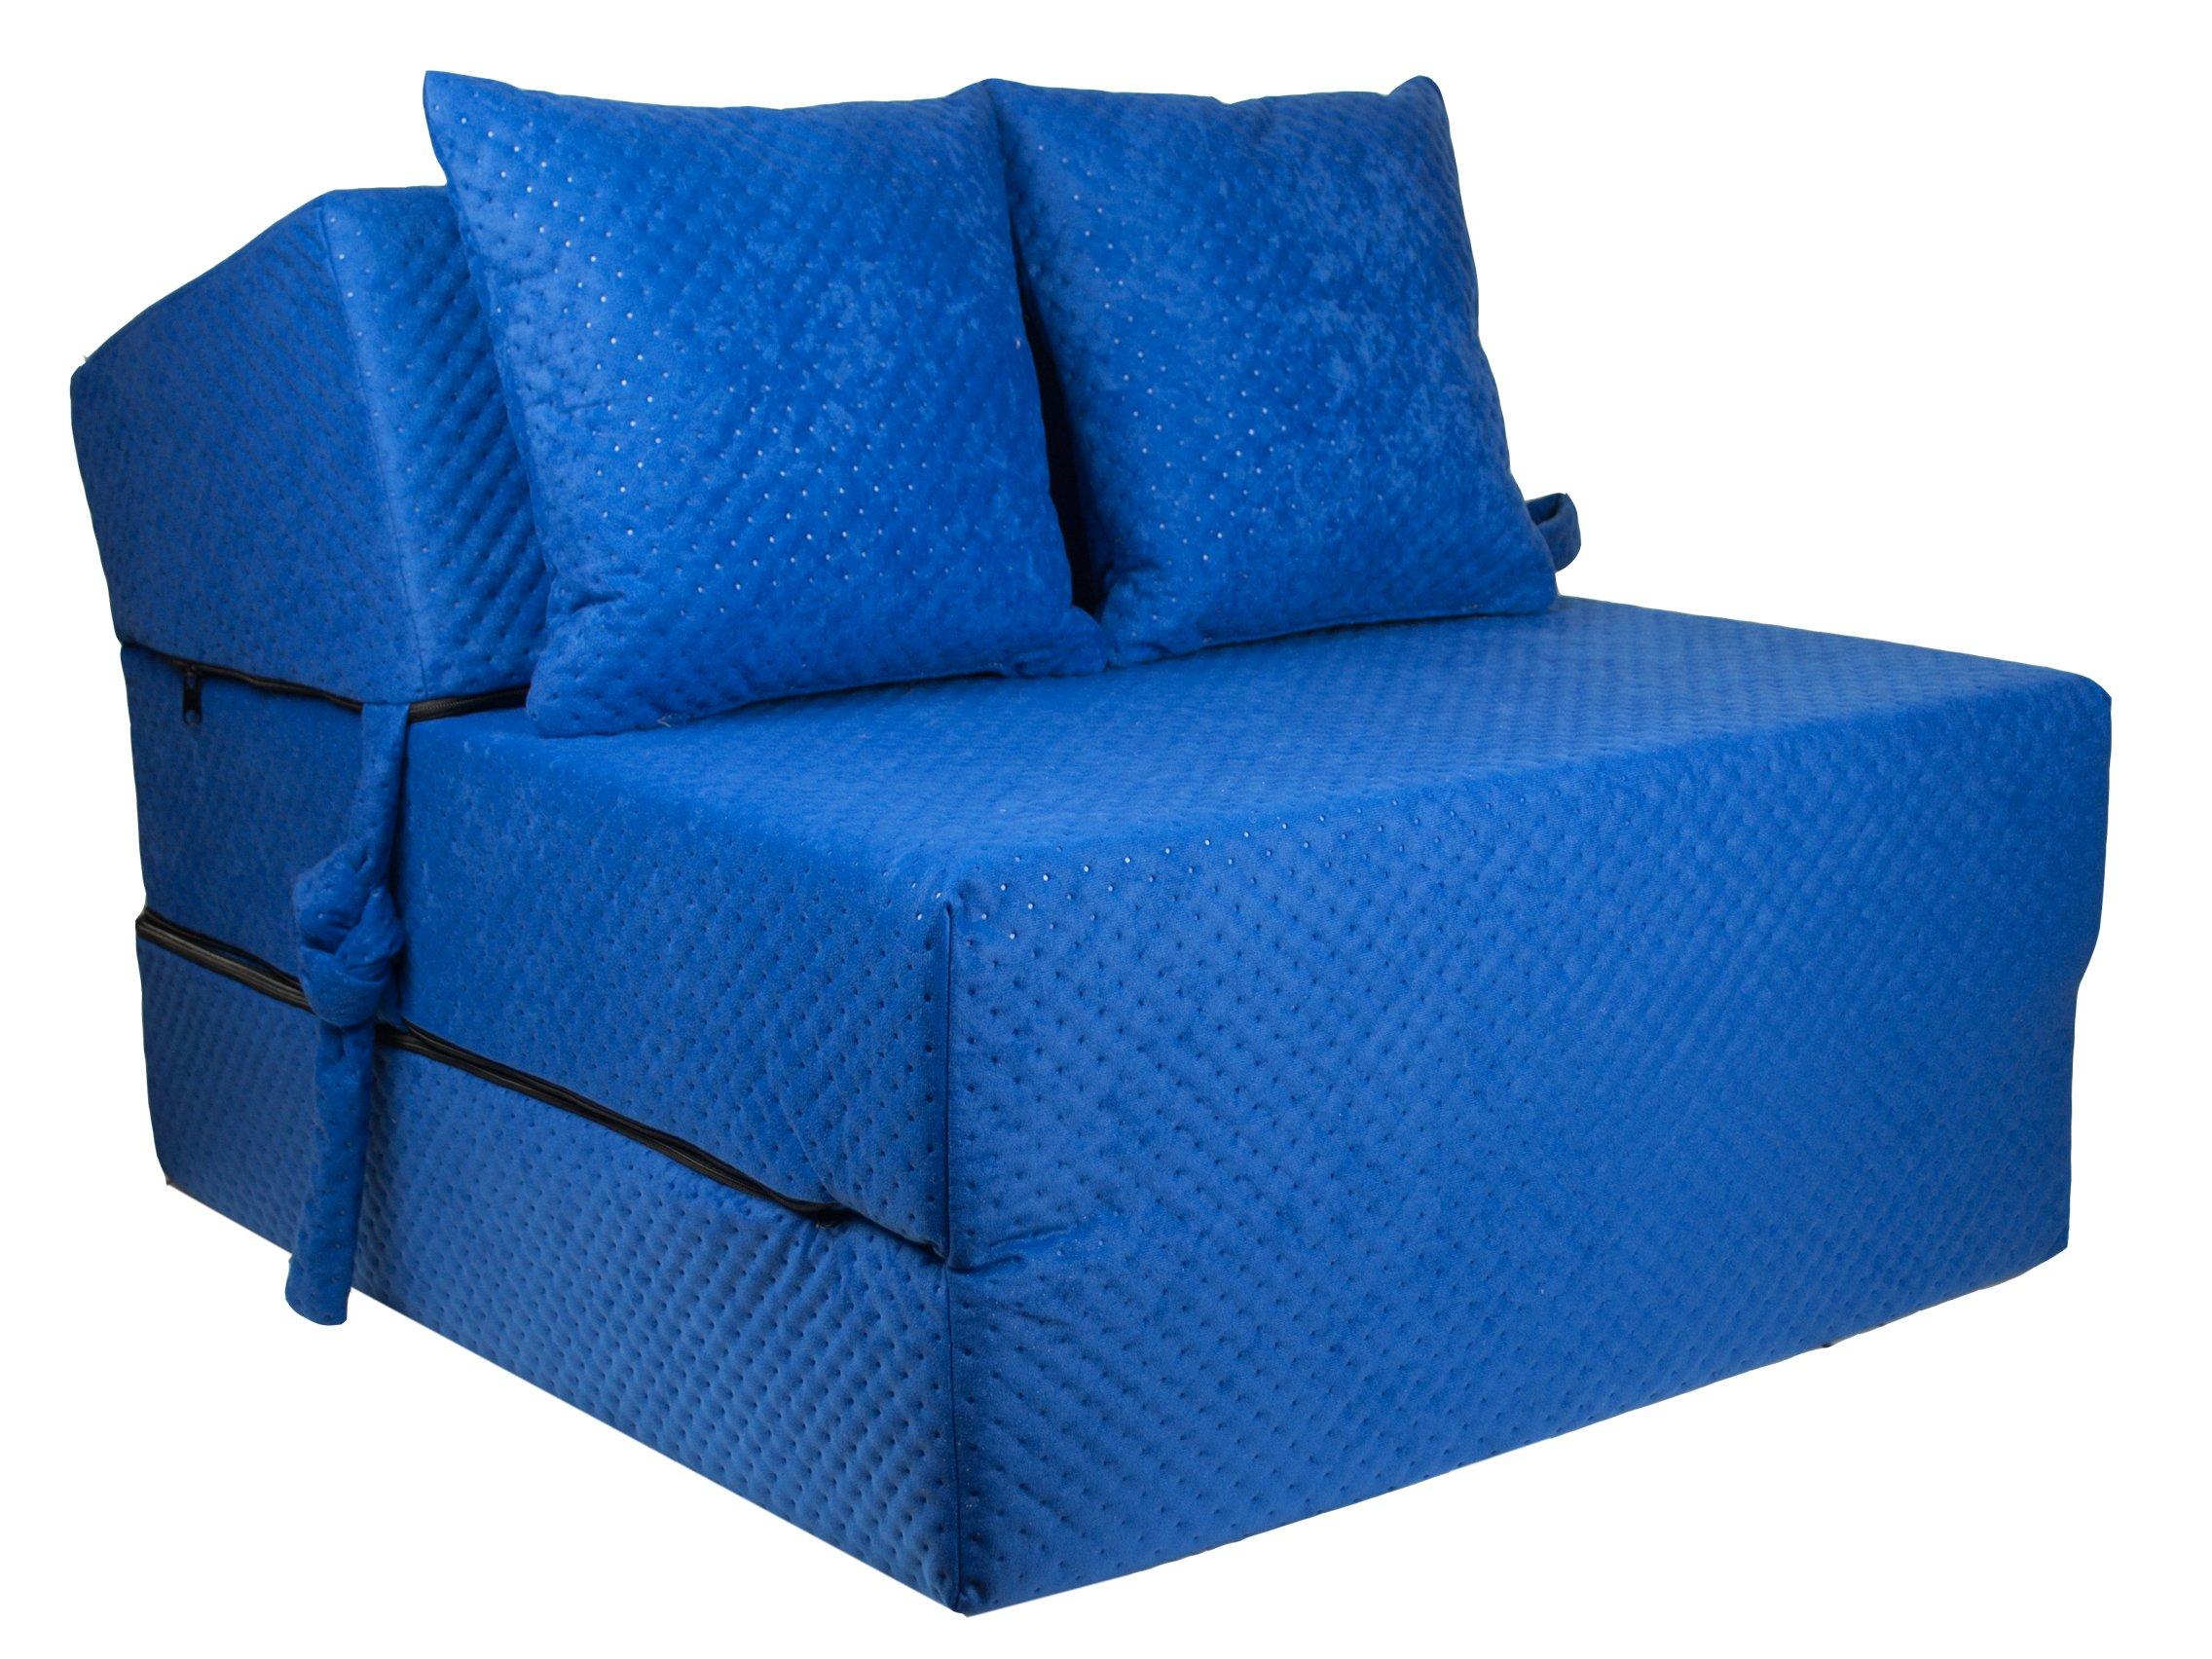 FIMEX Rozkládací křeslo SUPER Comfort pro hosty 70x200x15 Modrá